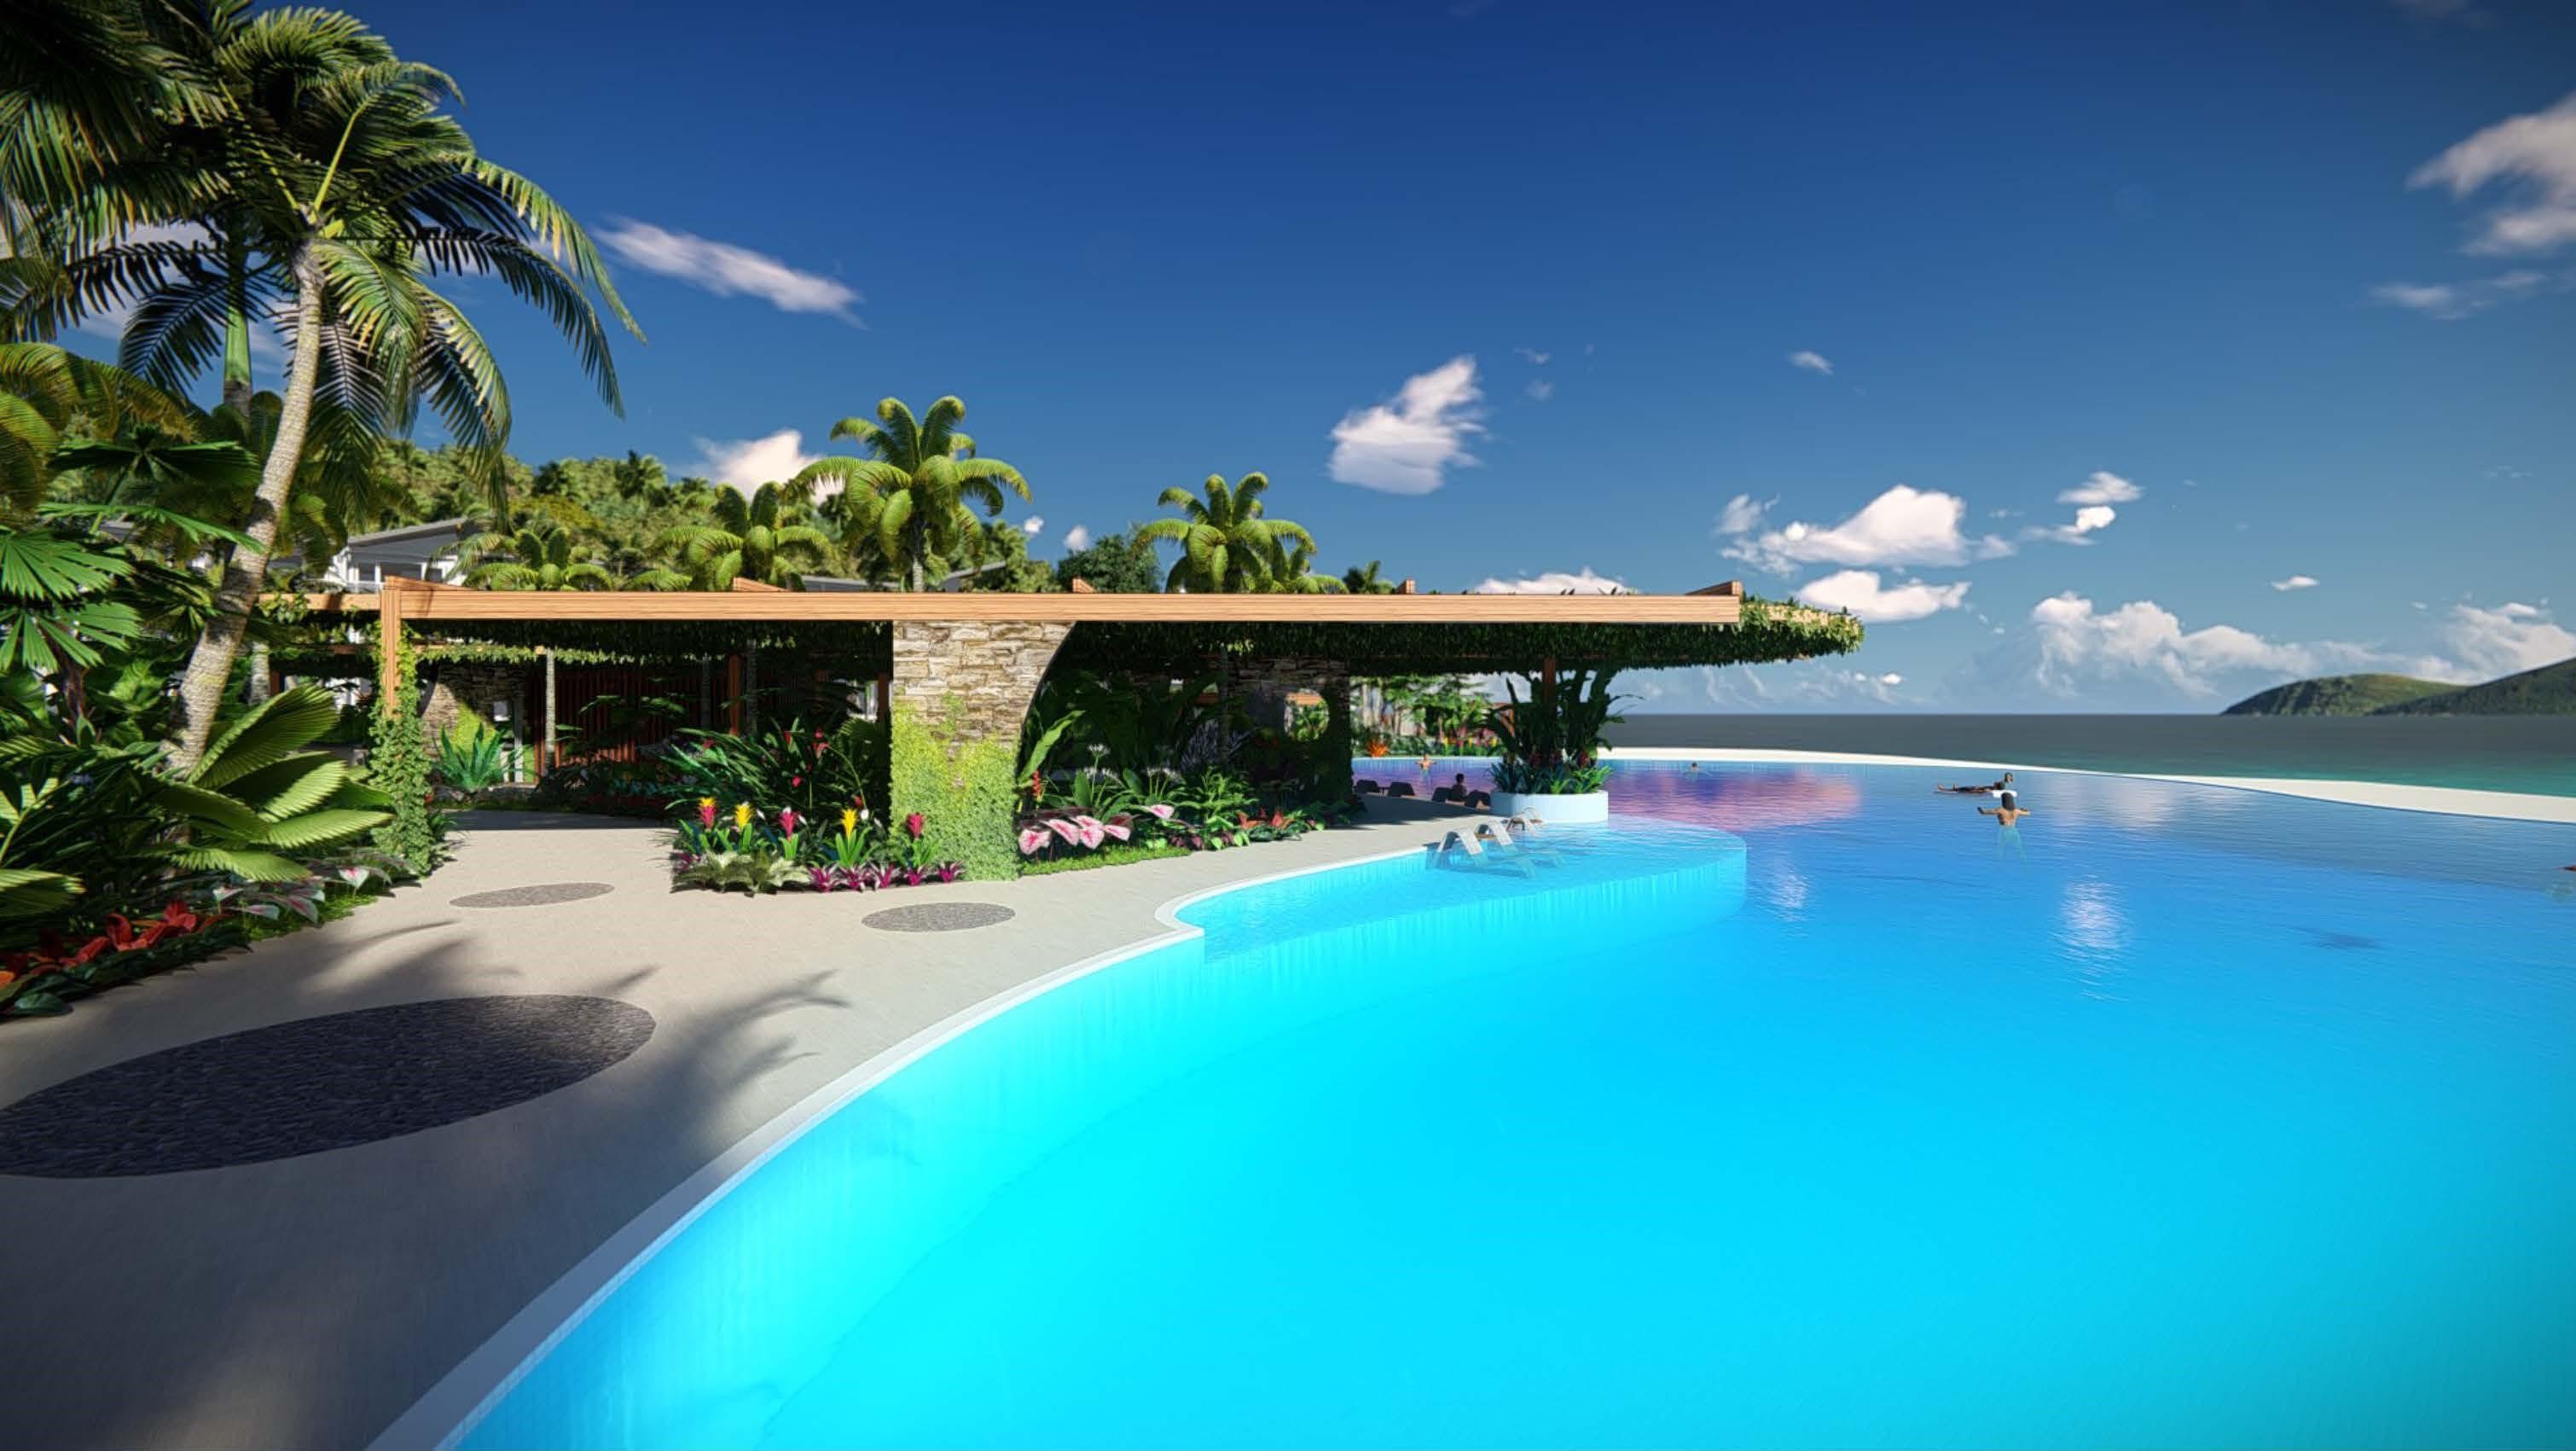 Daydream Island CGI Pool Concept 4